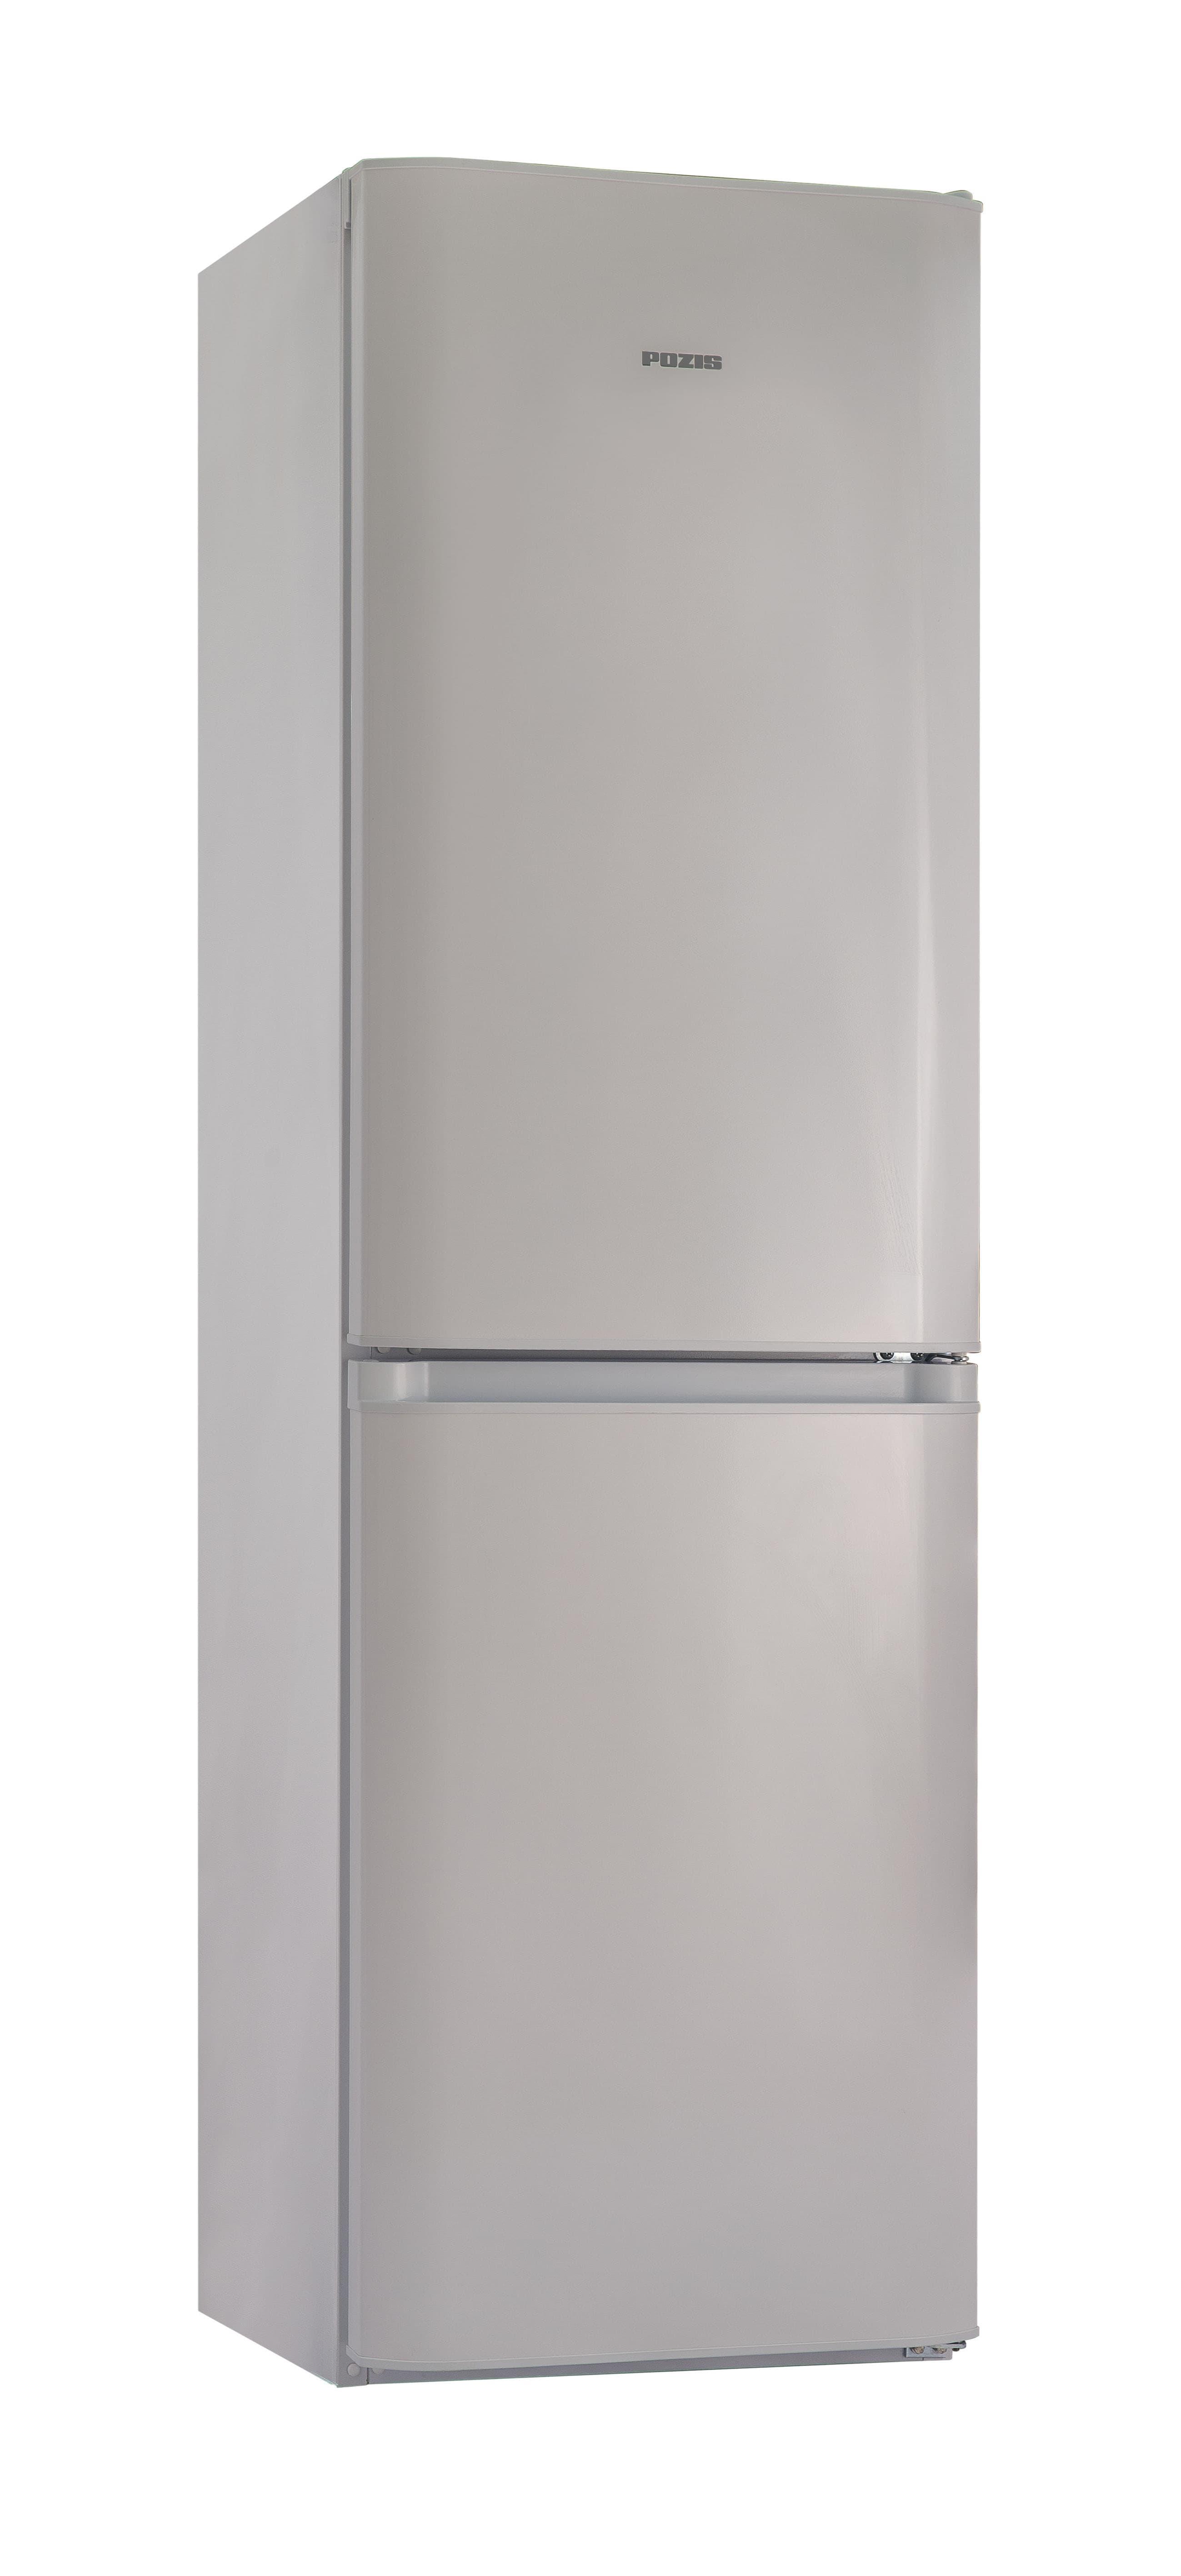 Шкаф холодильный RK FNF-172 серебристый